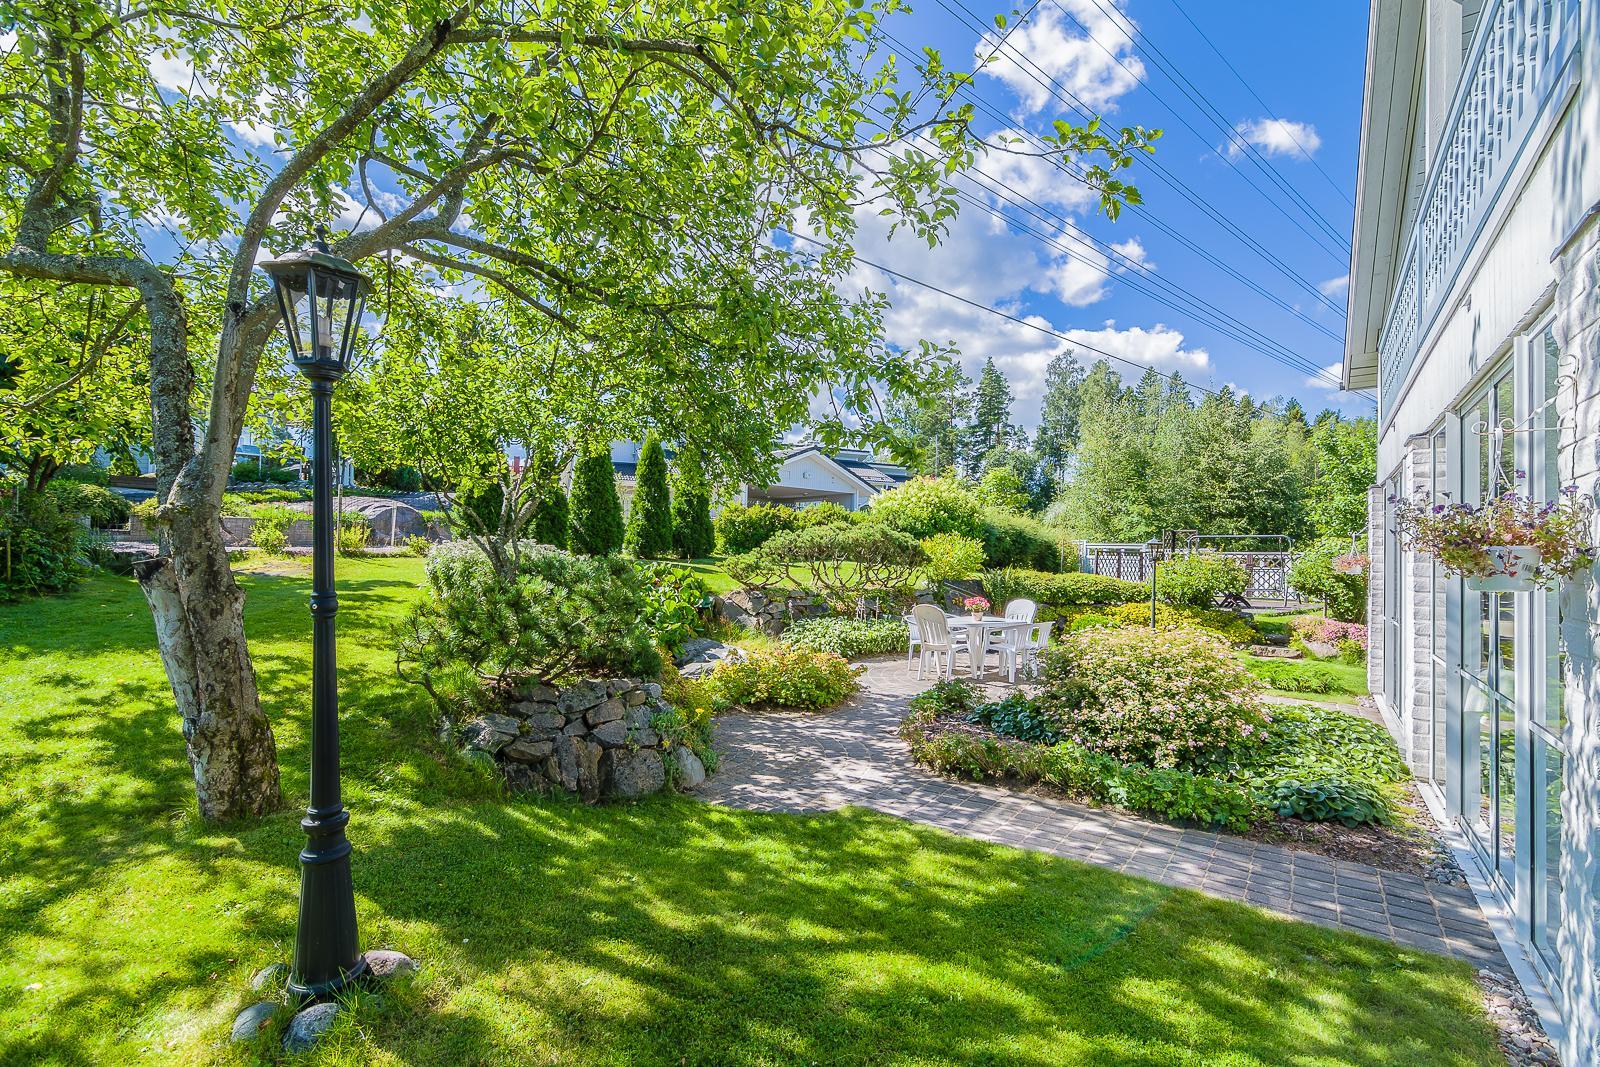 Kaunis piha ja puutarha ovat ilo silmälle  Etuovi com